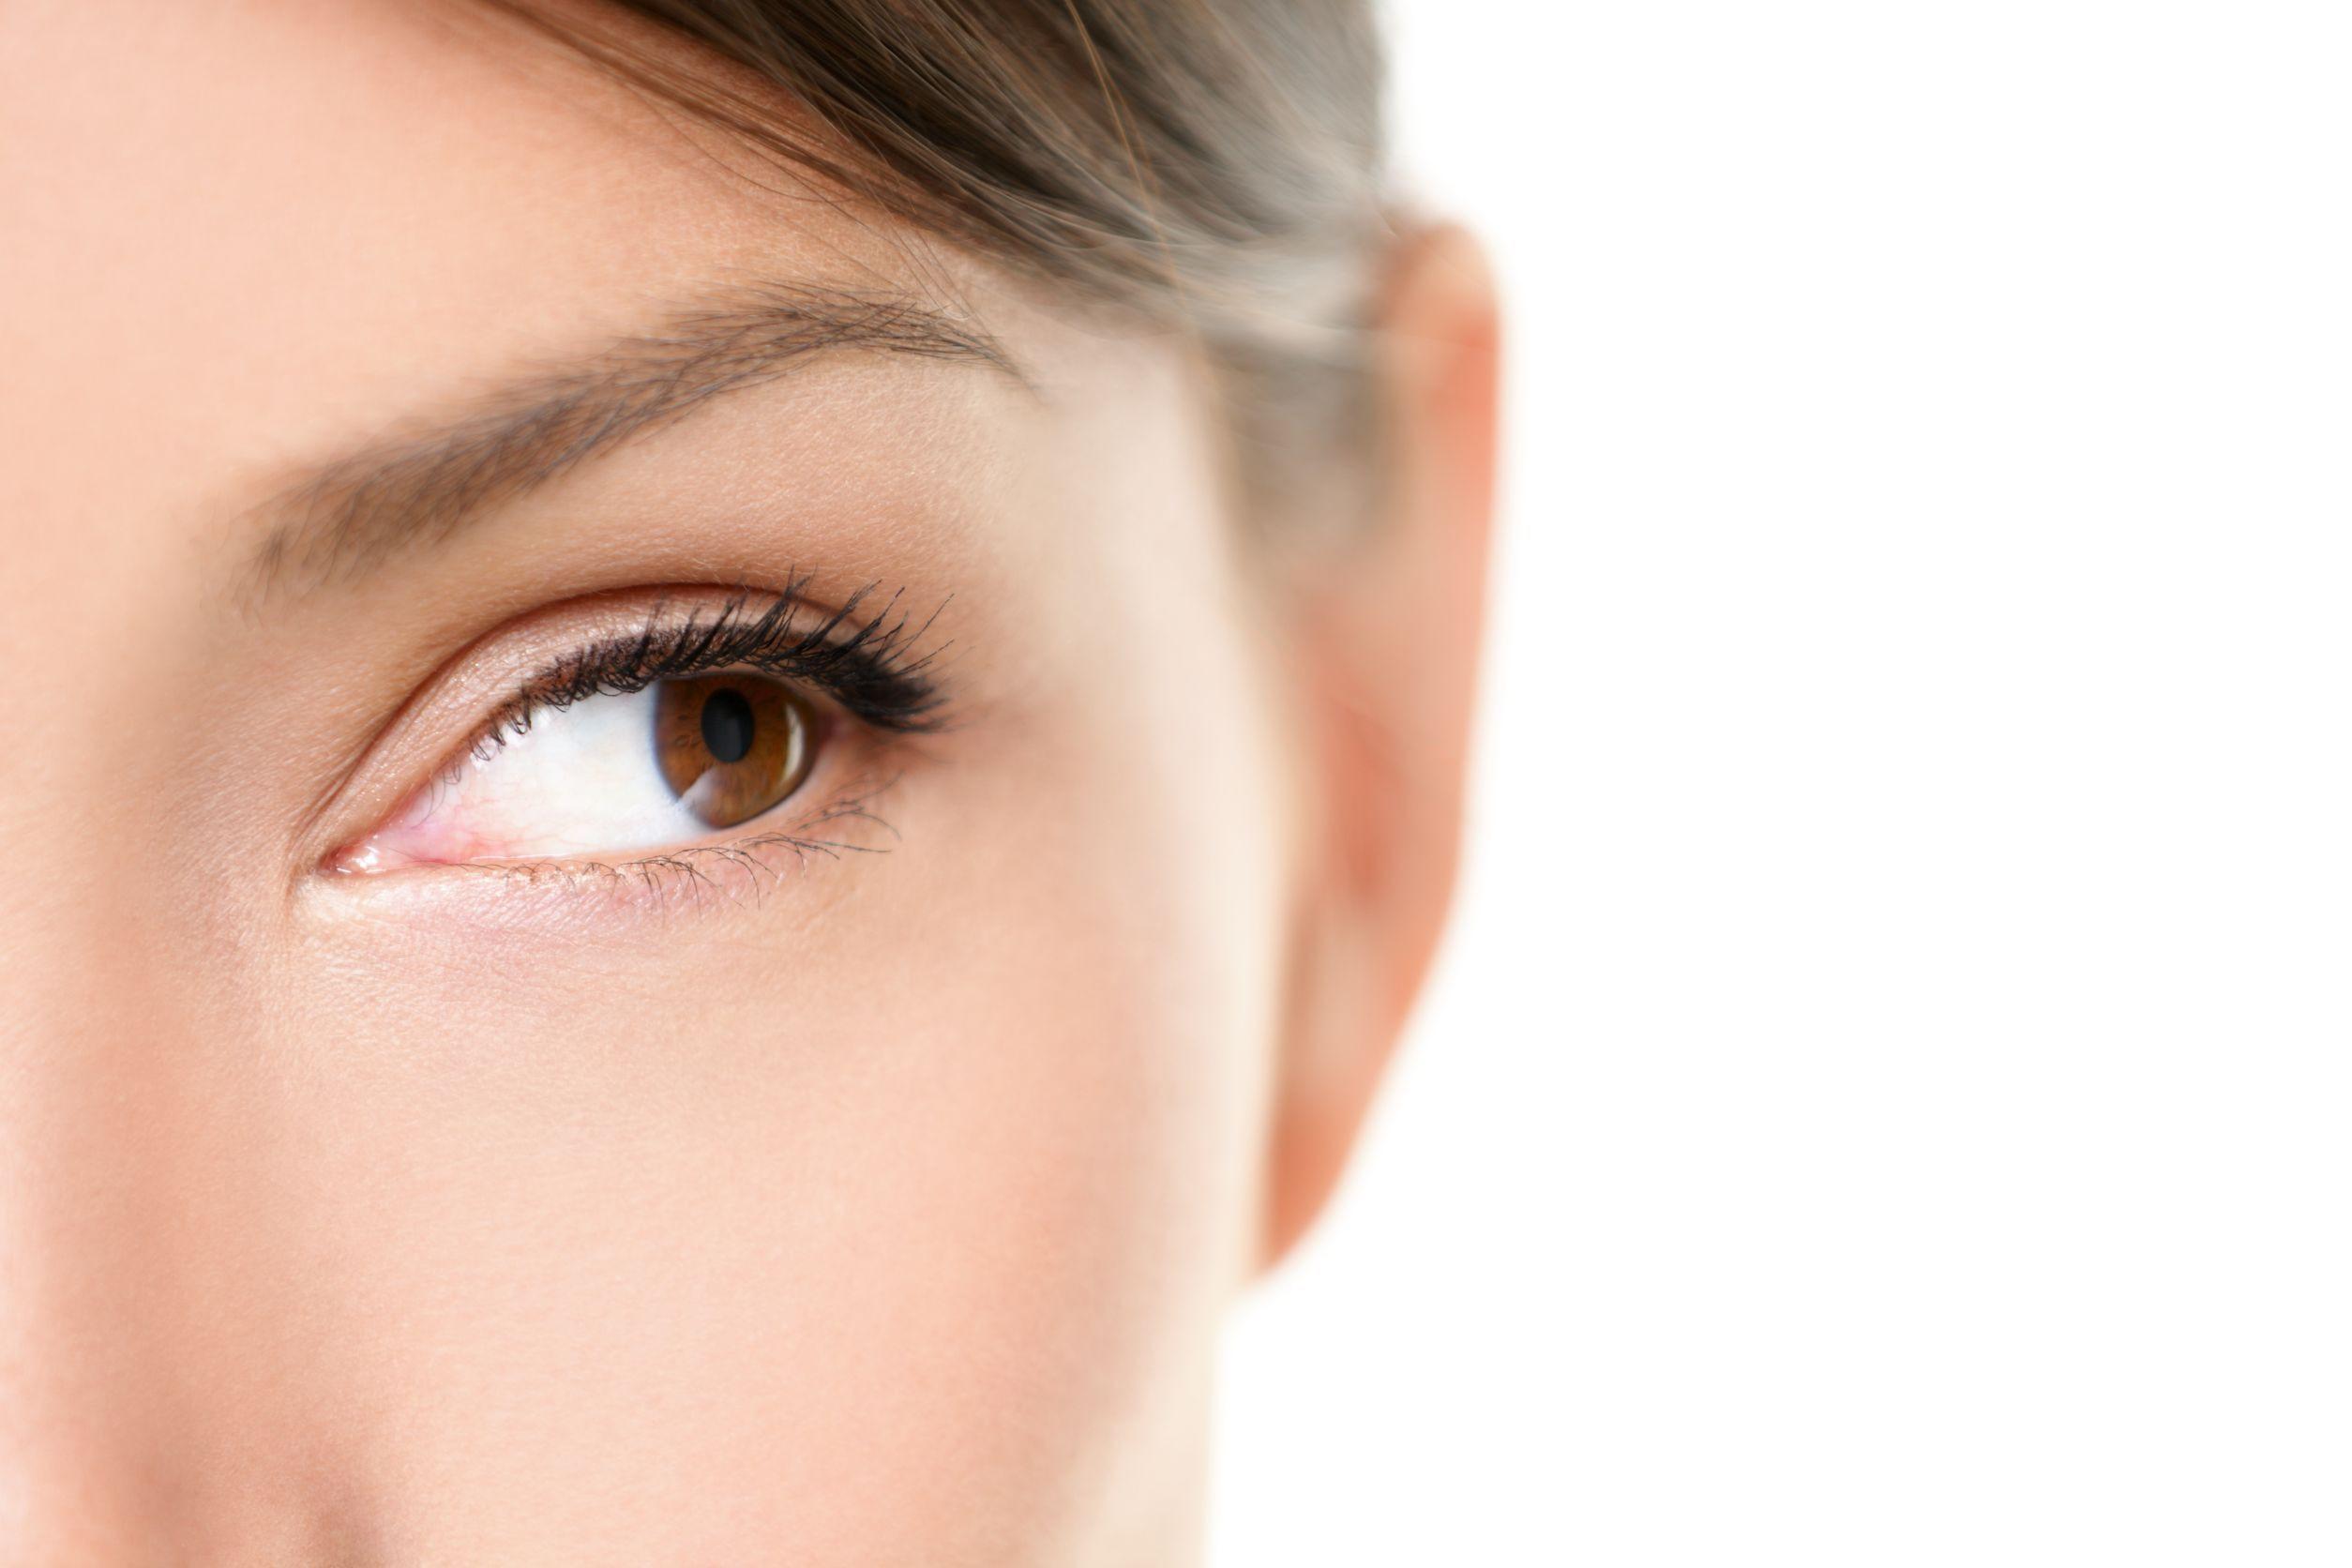 Que es posible quitar el hinchazón del ojo al golpe